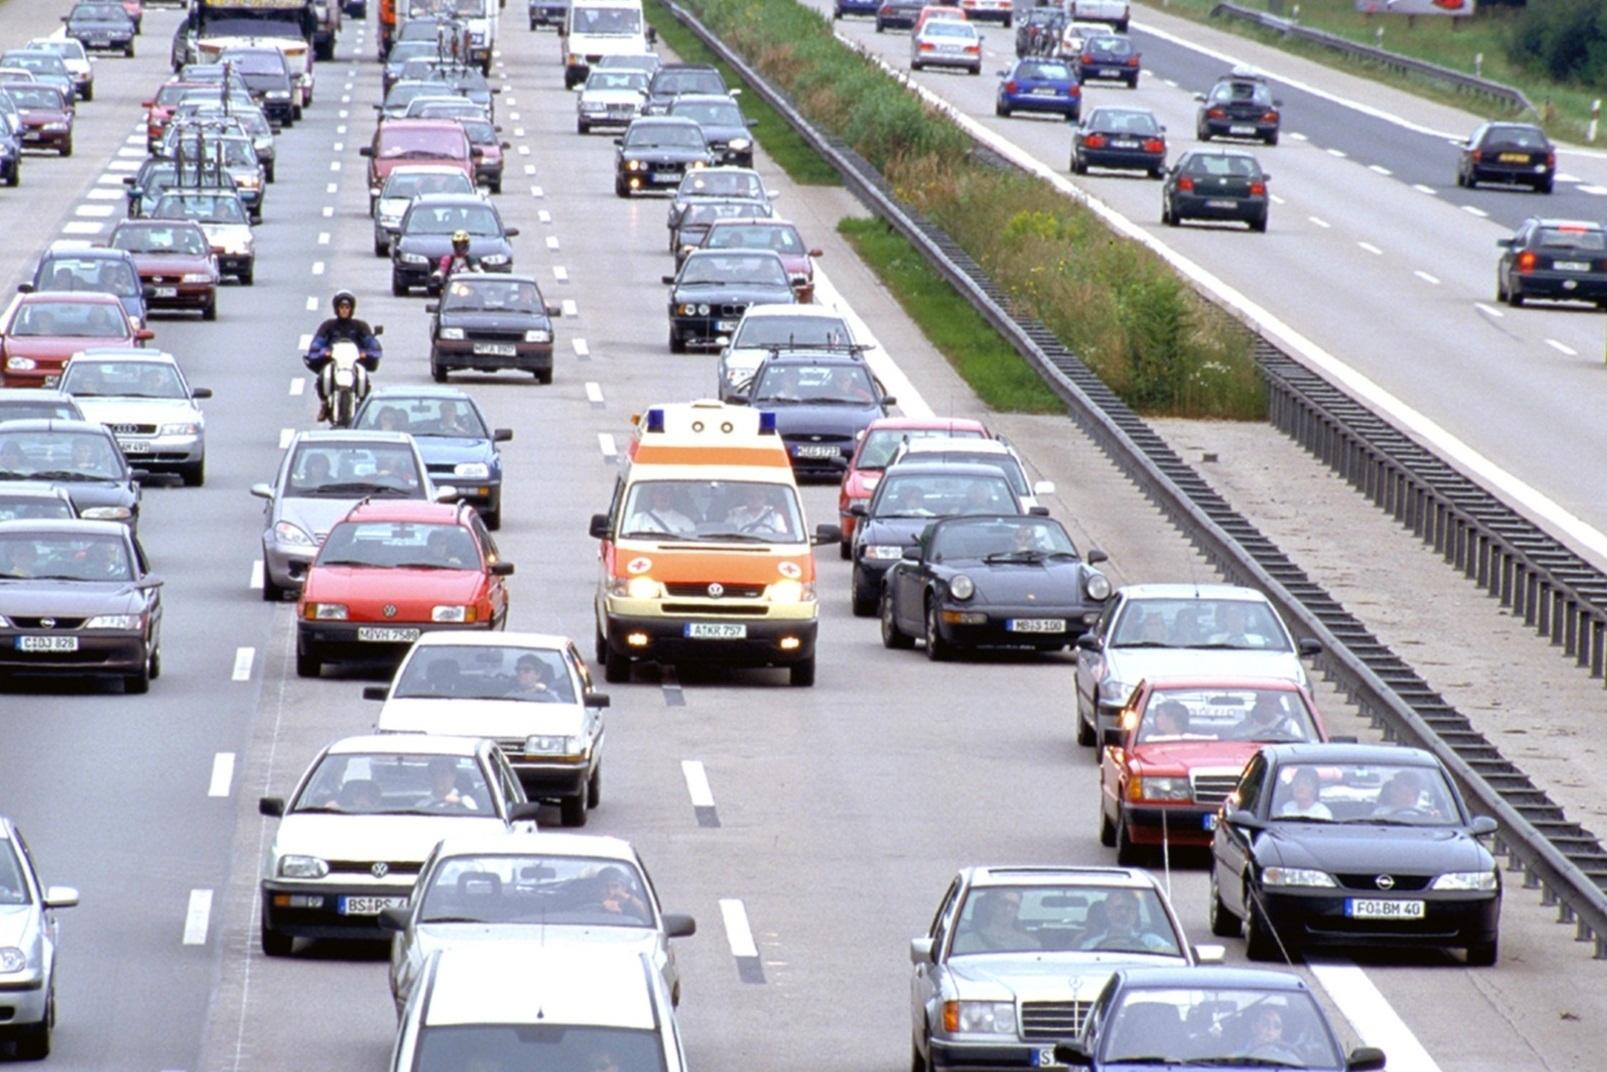 Ratgeber: Verhalten bei Blaulicht-Fahrzeugen im Einsatz - Nur nicht den Weg versperren